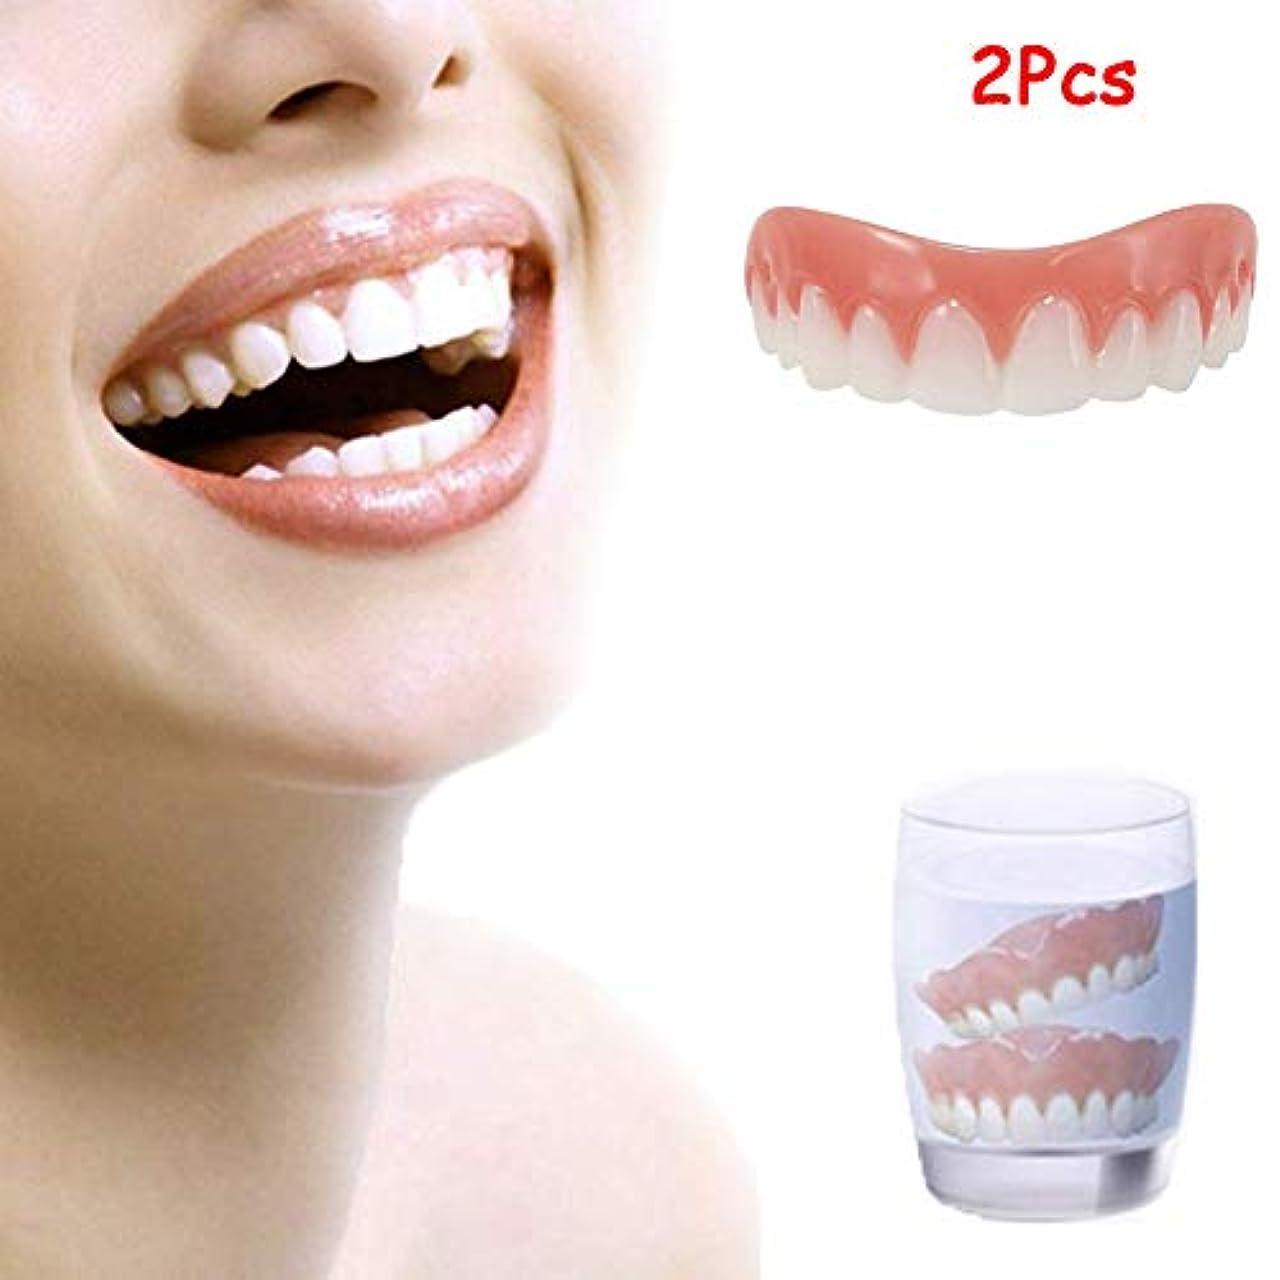 明らかに探す見せます歯科用ベニヤホワイトニングデンタルインスタントパーフェクトスマイルアップアンドダウン快適なスナップインフェイクティース